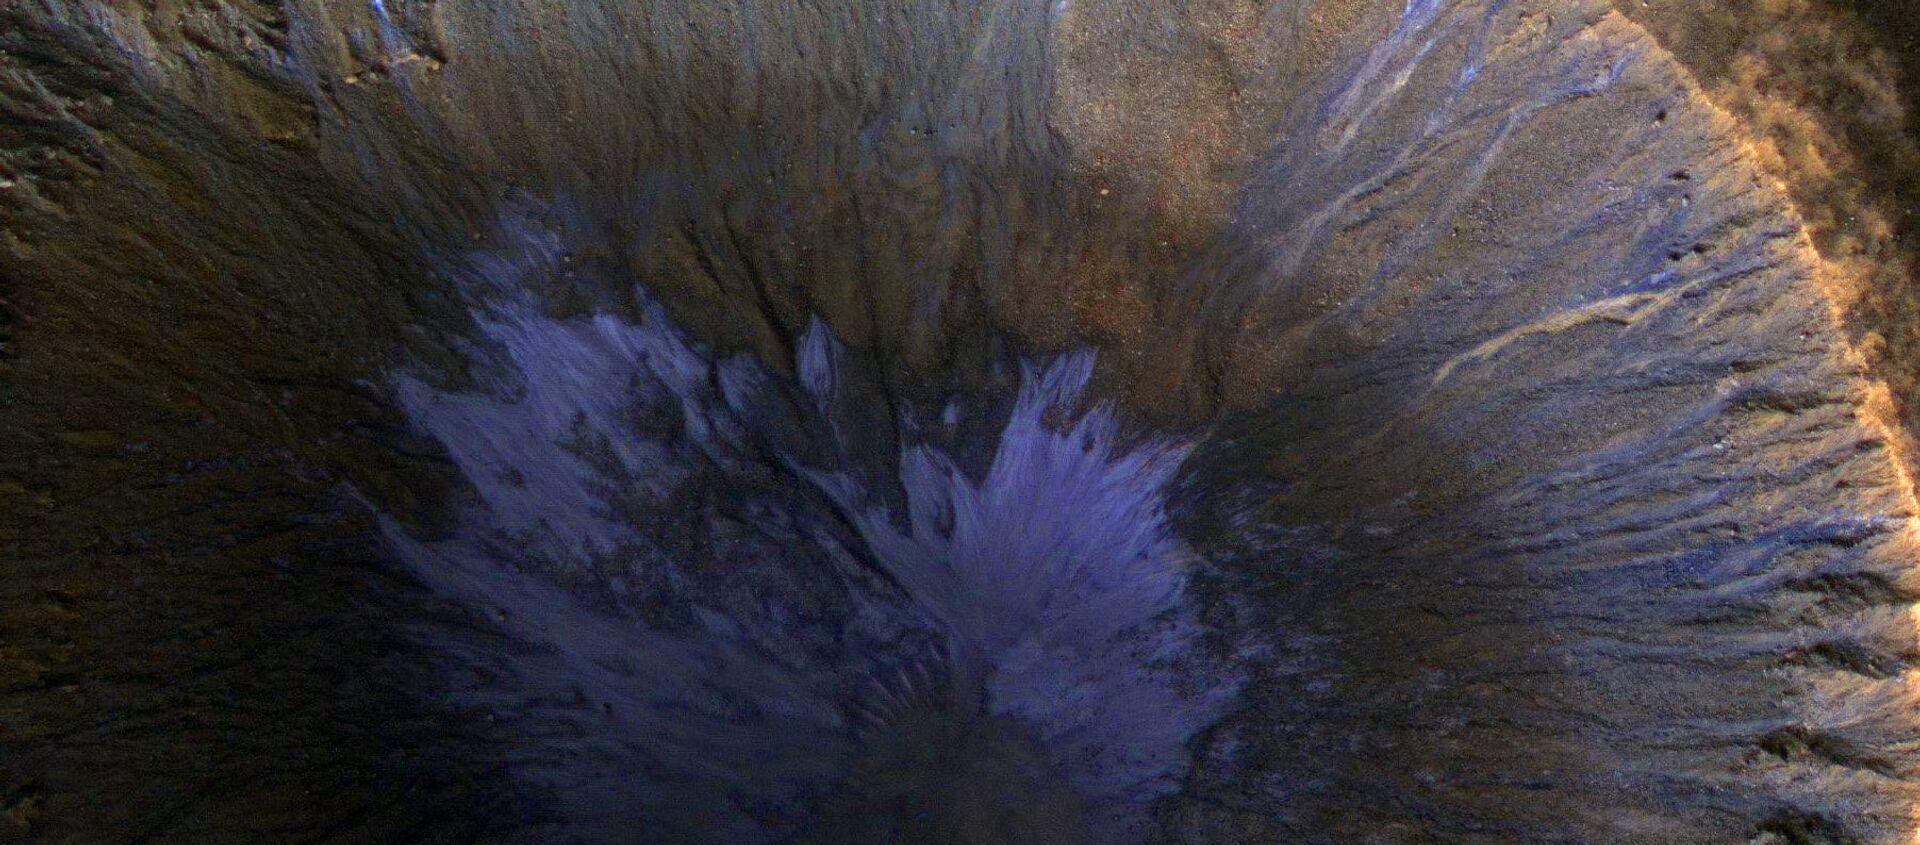 Ślady wody w kraterze na Marsie. - Sputnik Polska, 1920, 31.10.2020